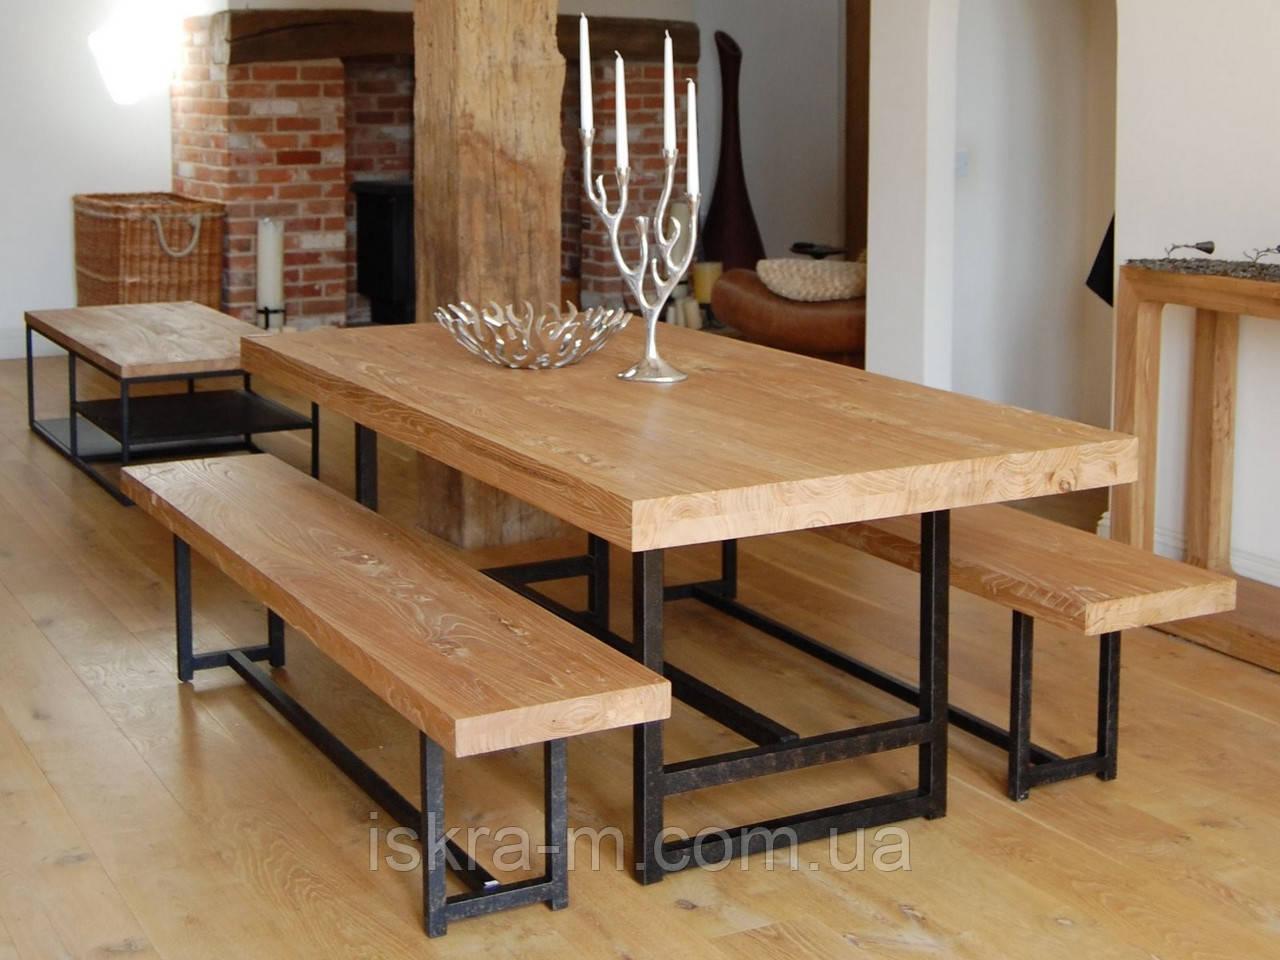 Стол обеденный  в гостиную в стиле  лофт